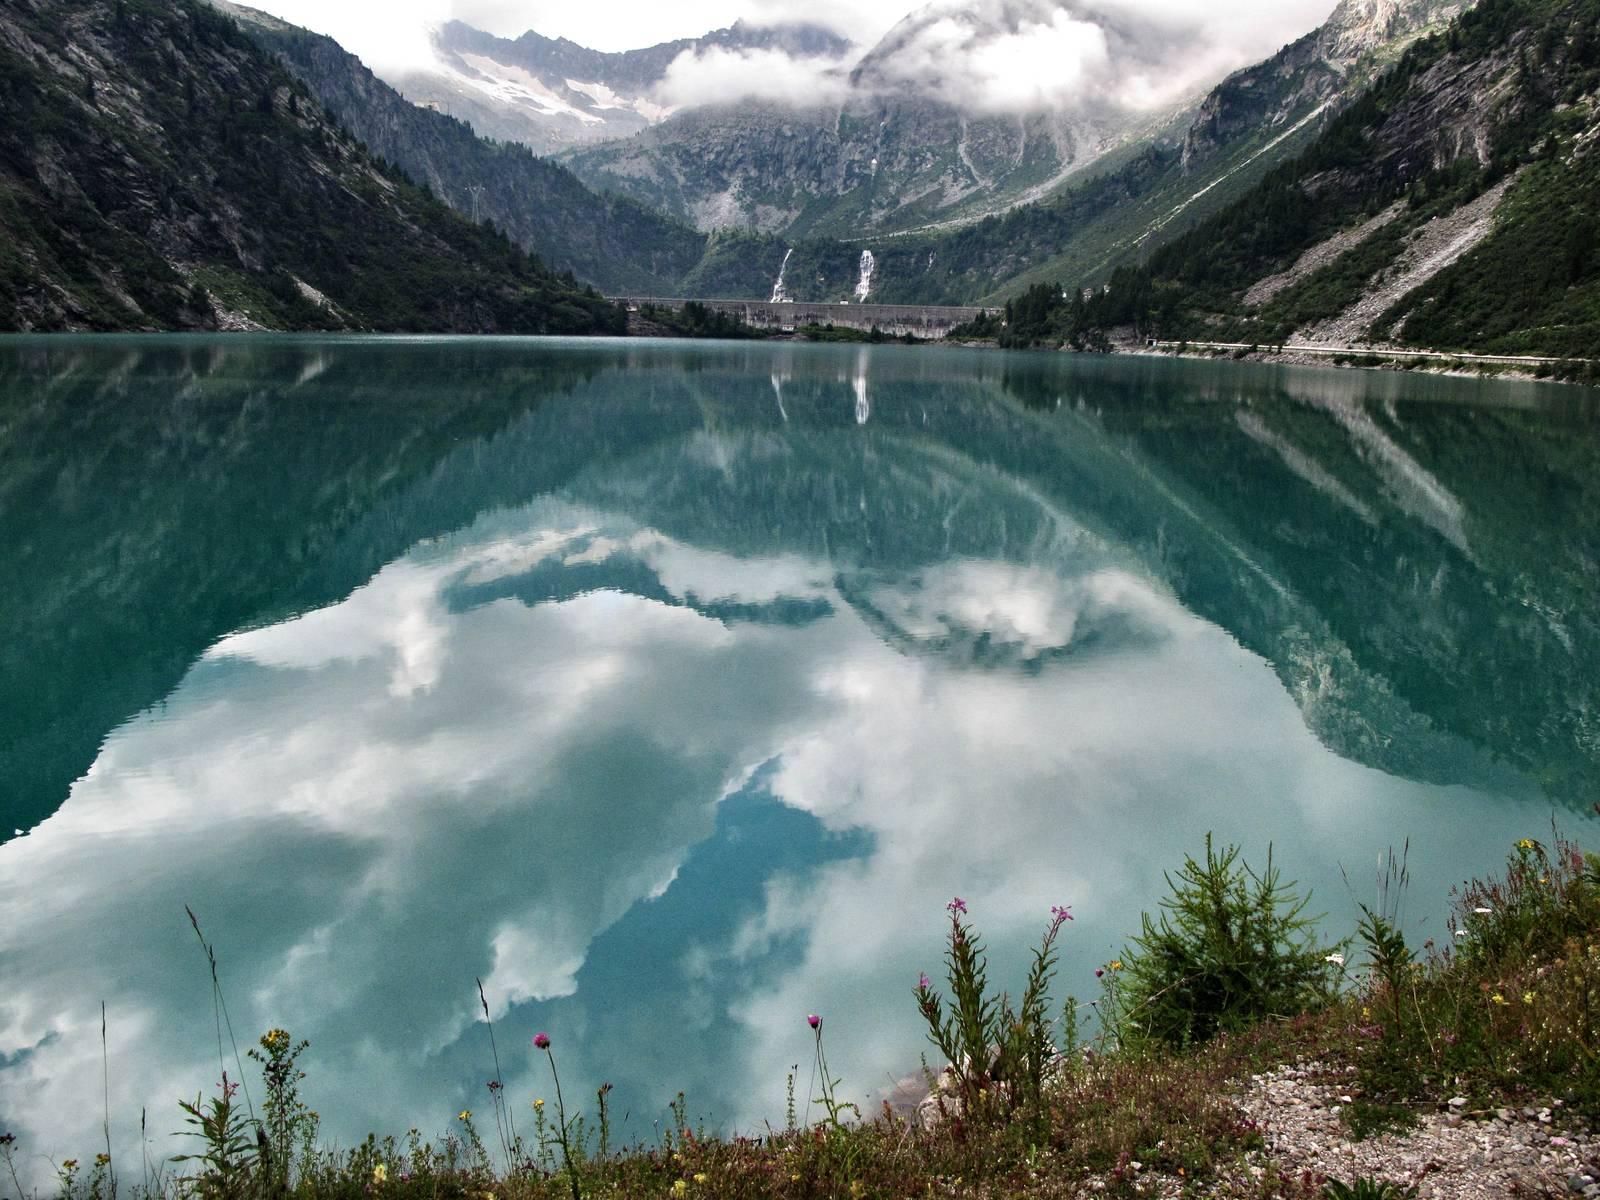 Passi-nella-neve-9-agosto-2014_Narrazione-in-cammino-destinazione-Garibaldi23 Copia